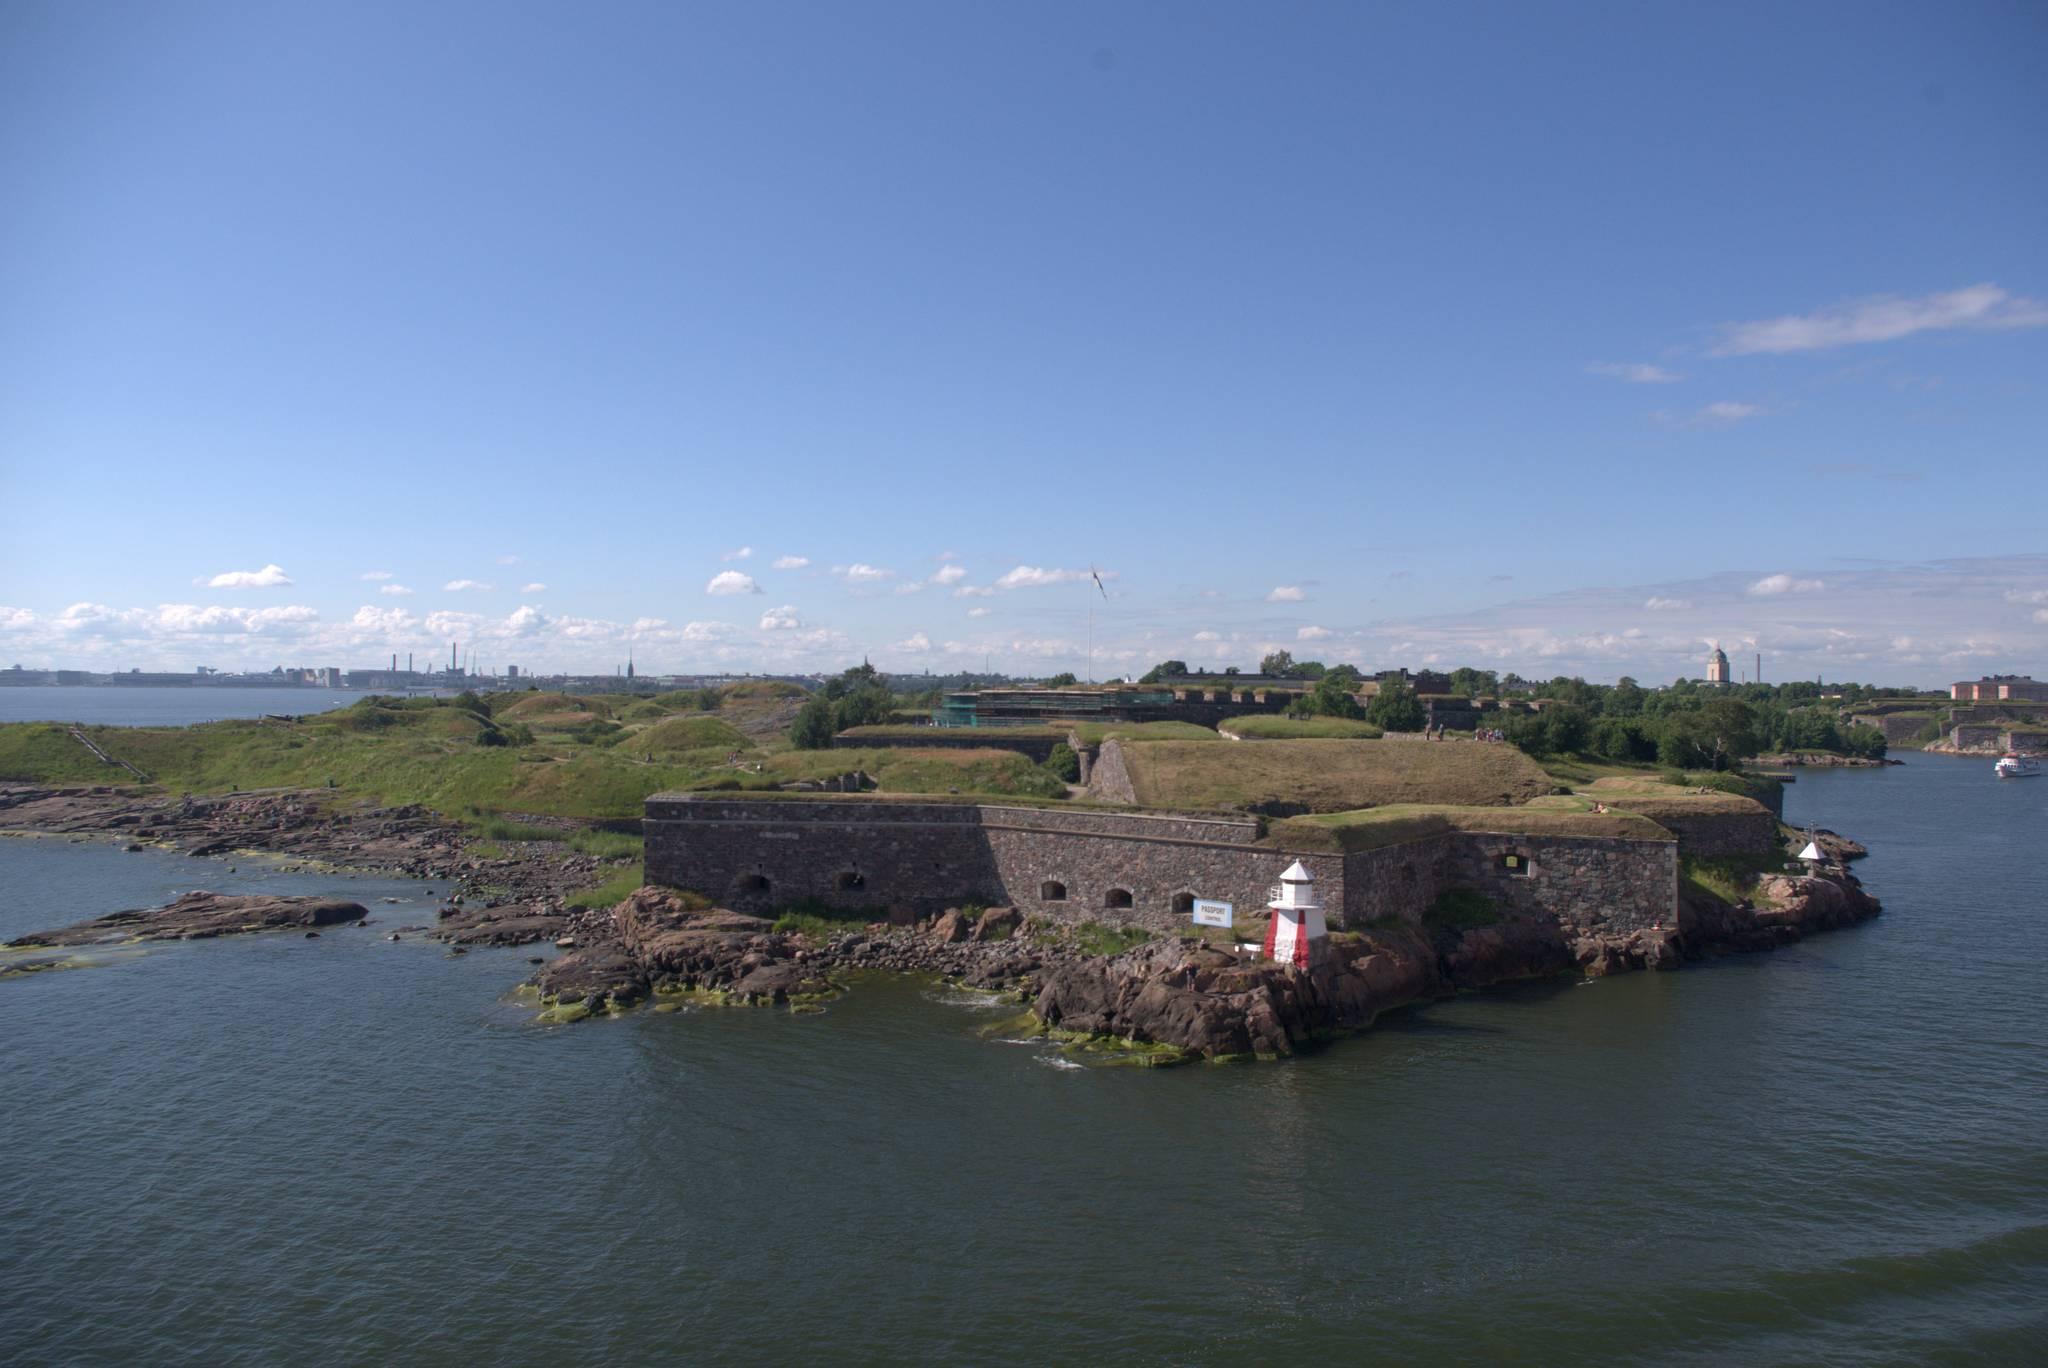 mury starych twierdz chroniących miasto, obecnie miejscówka do wypoczynku dla mieszkańców